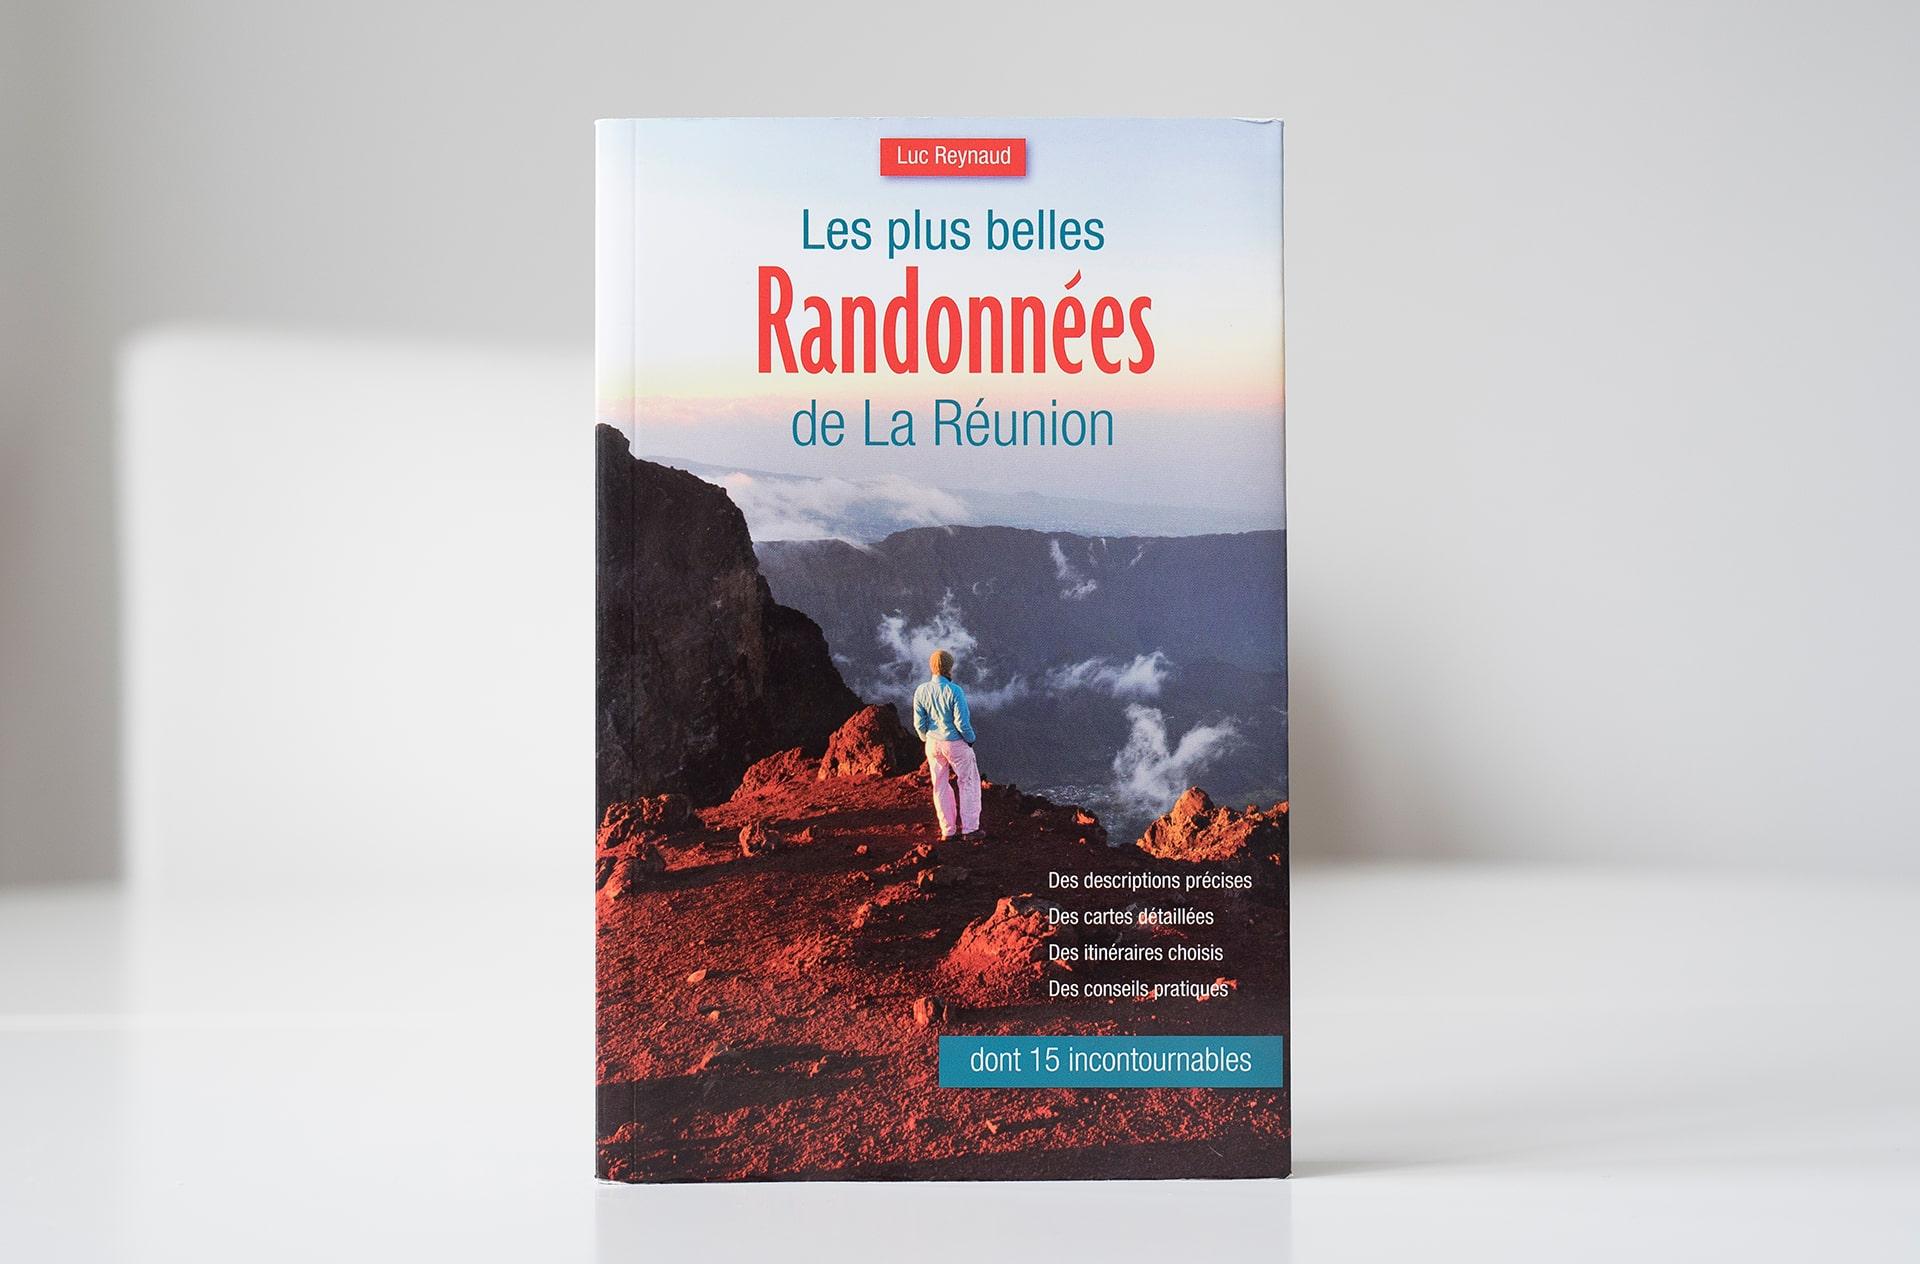 Les plus belles Randonnées de la Réunion - Le duo de choc ! L'île Maurice et l'île de la Réunion - Suivre sa Joie - Saskia Parein